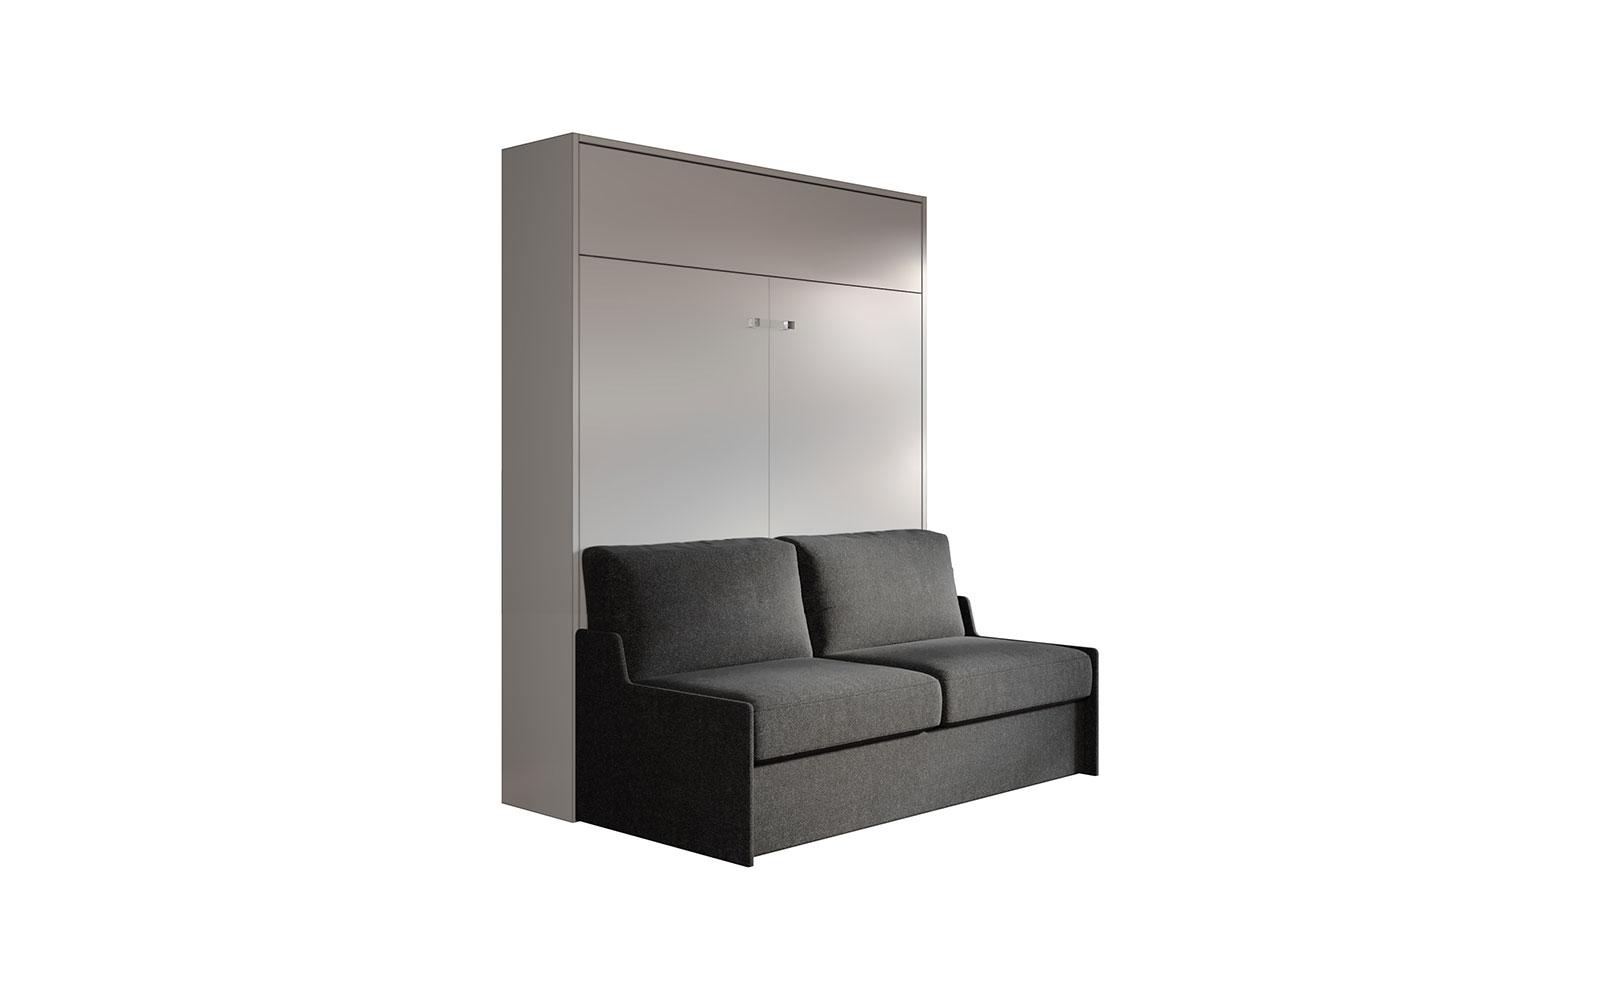 Aria sofa 160 letto a scomparsa con divano a movimento for Divano letto 160